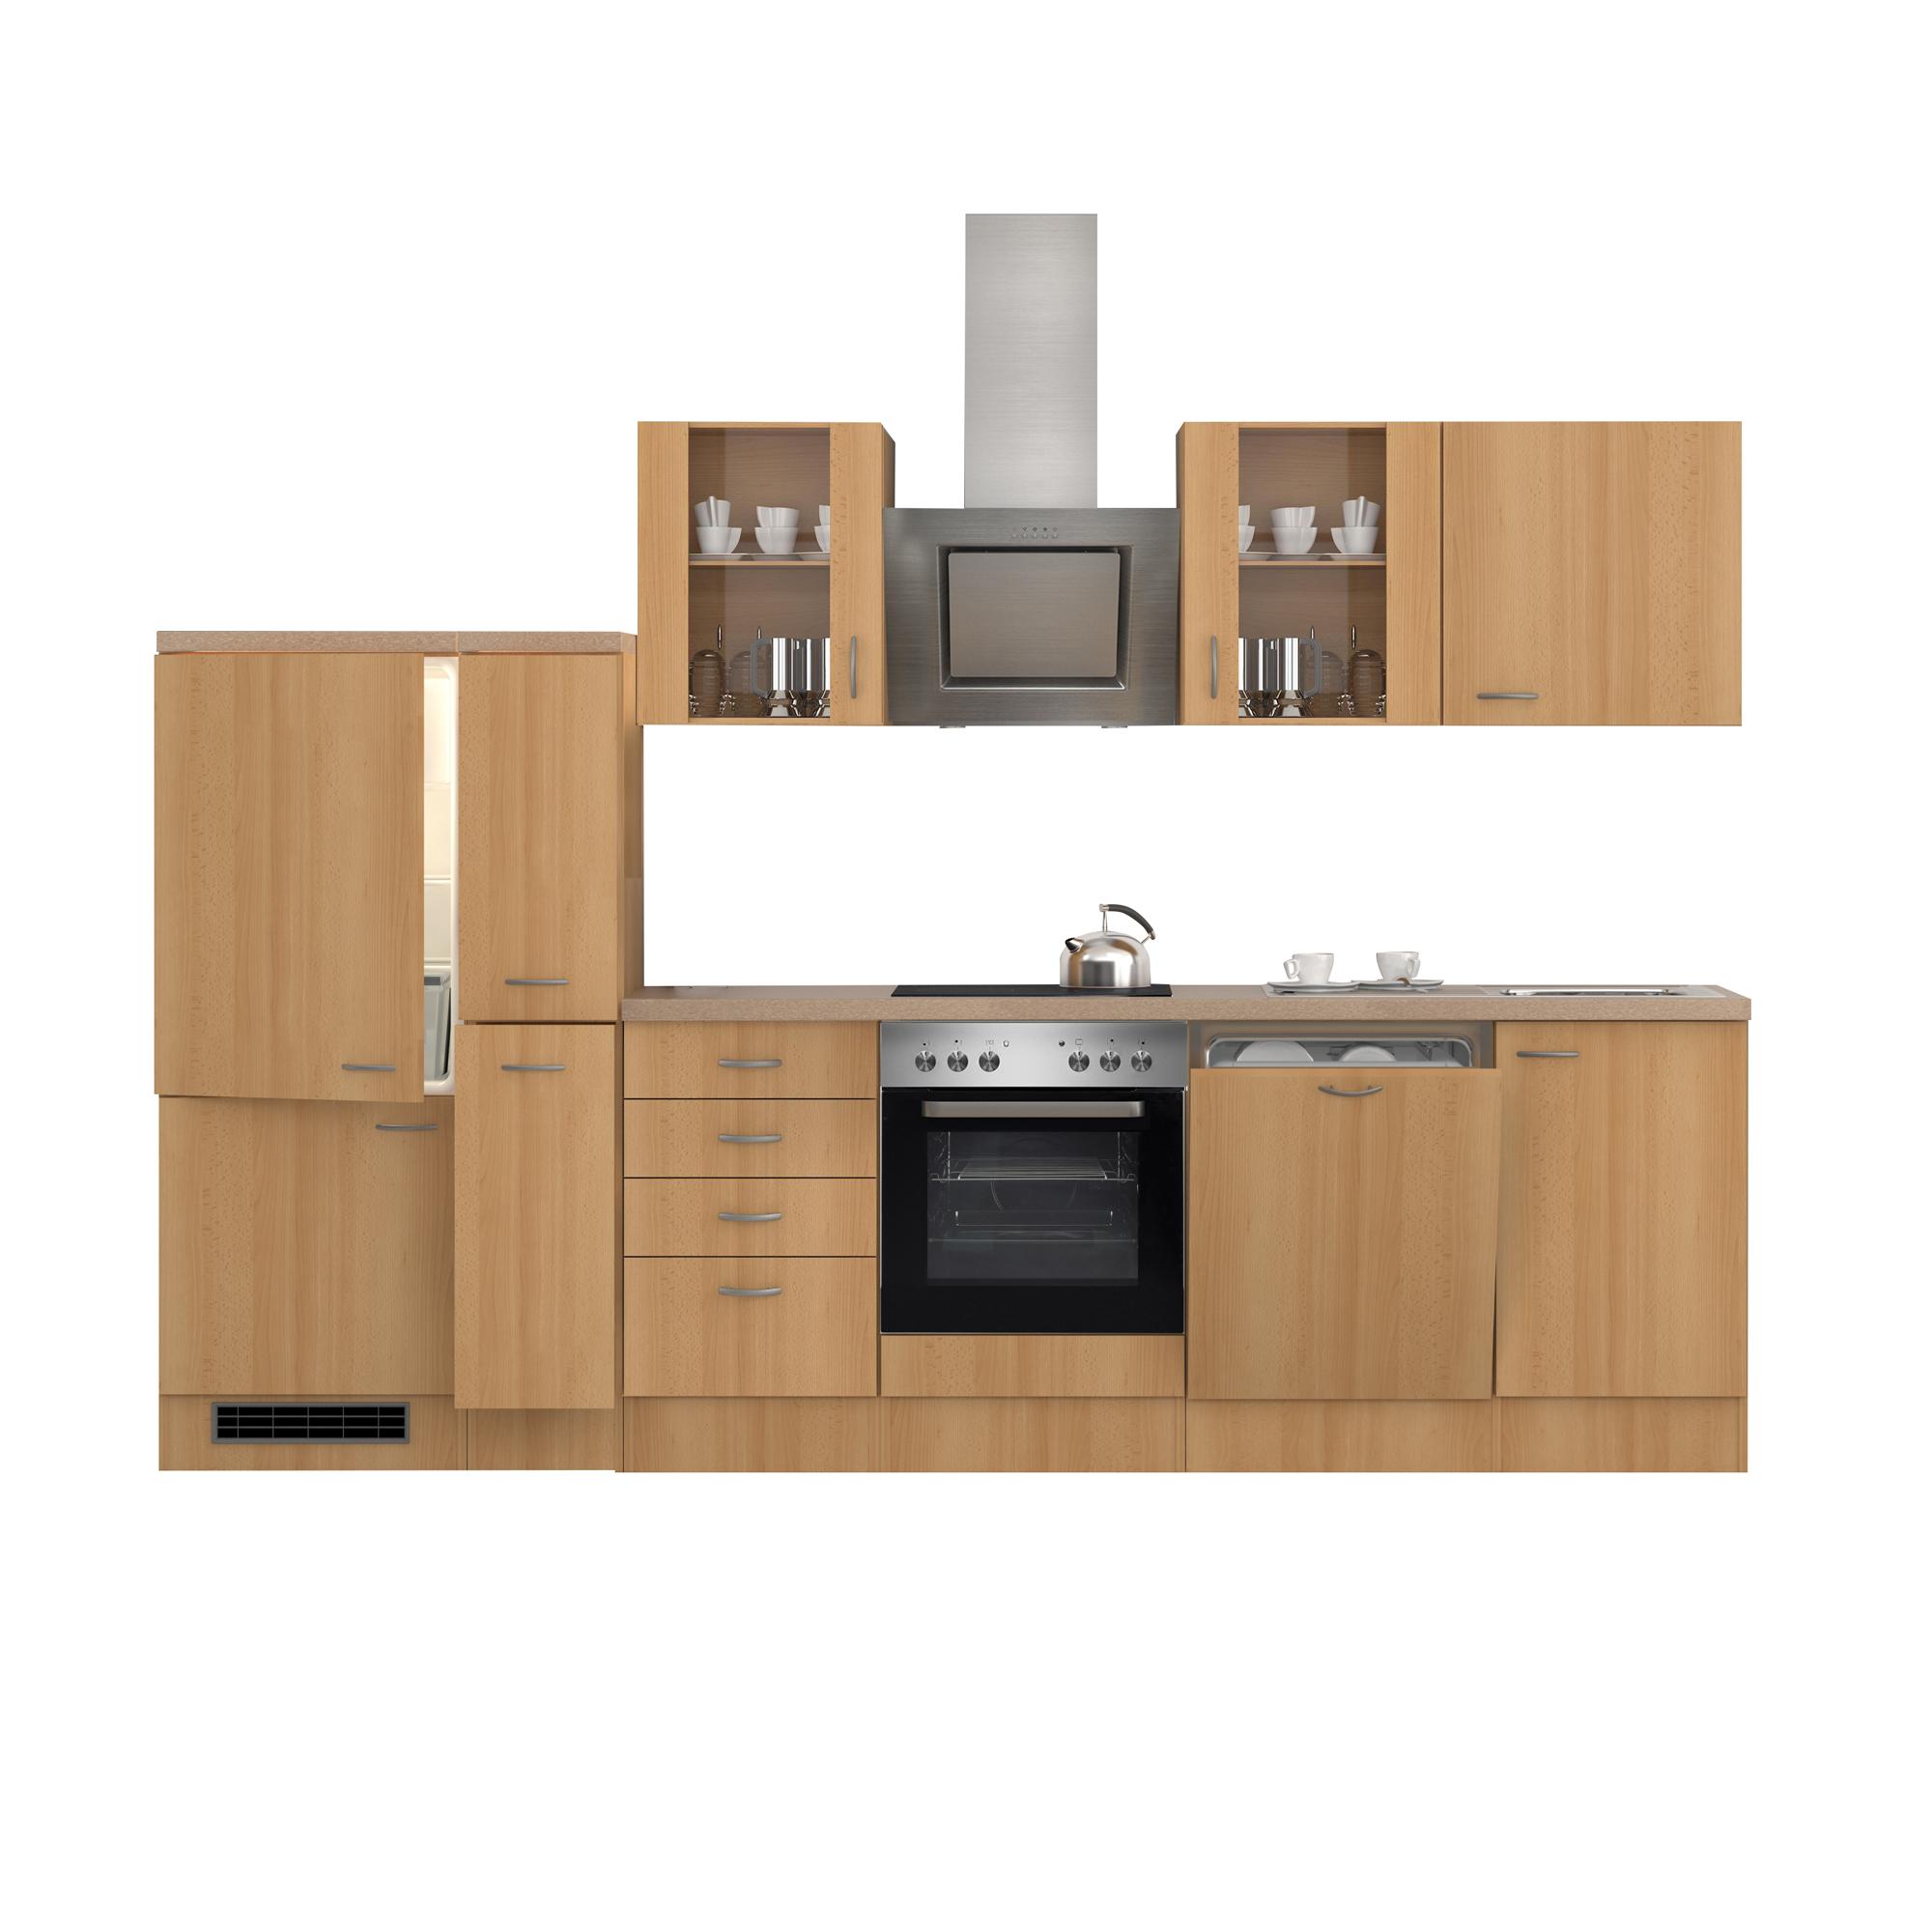 k chenzeile nano e ger te 2 glash nger 15 teilig breite 310 cm buche k che k chenzeilen. Black Bedroom Furniture Sets. Home Design Ideas